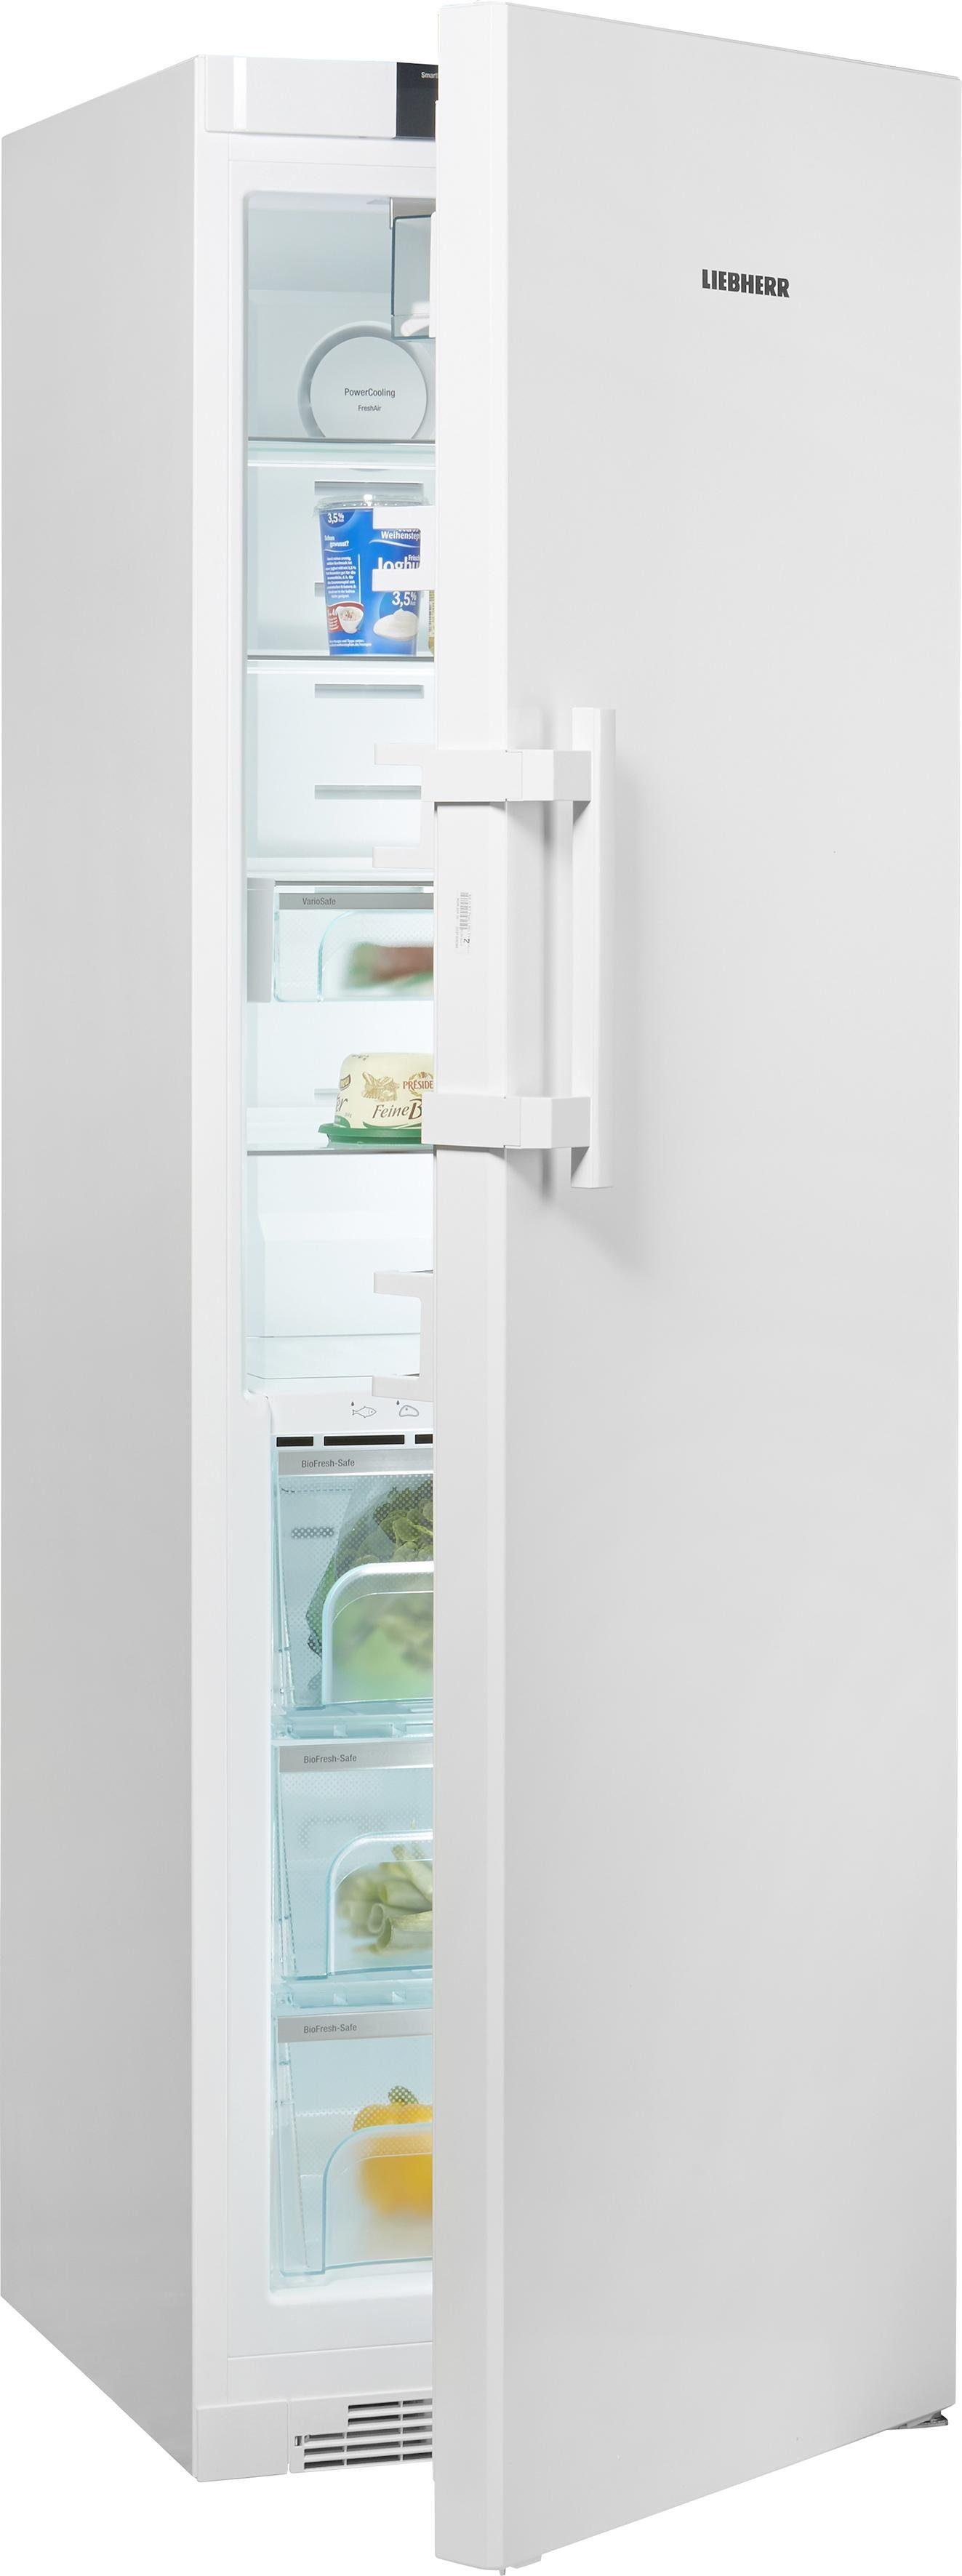 Liebherr Standkühlschrank KBi 4350-20, A+++, 185 cm hoch